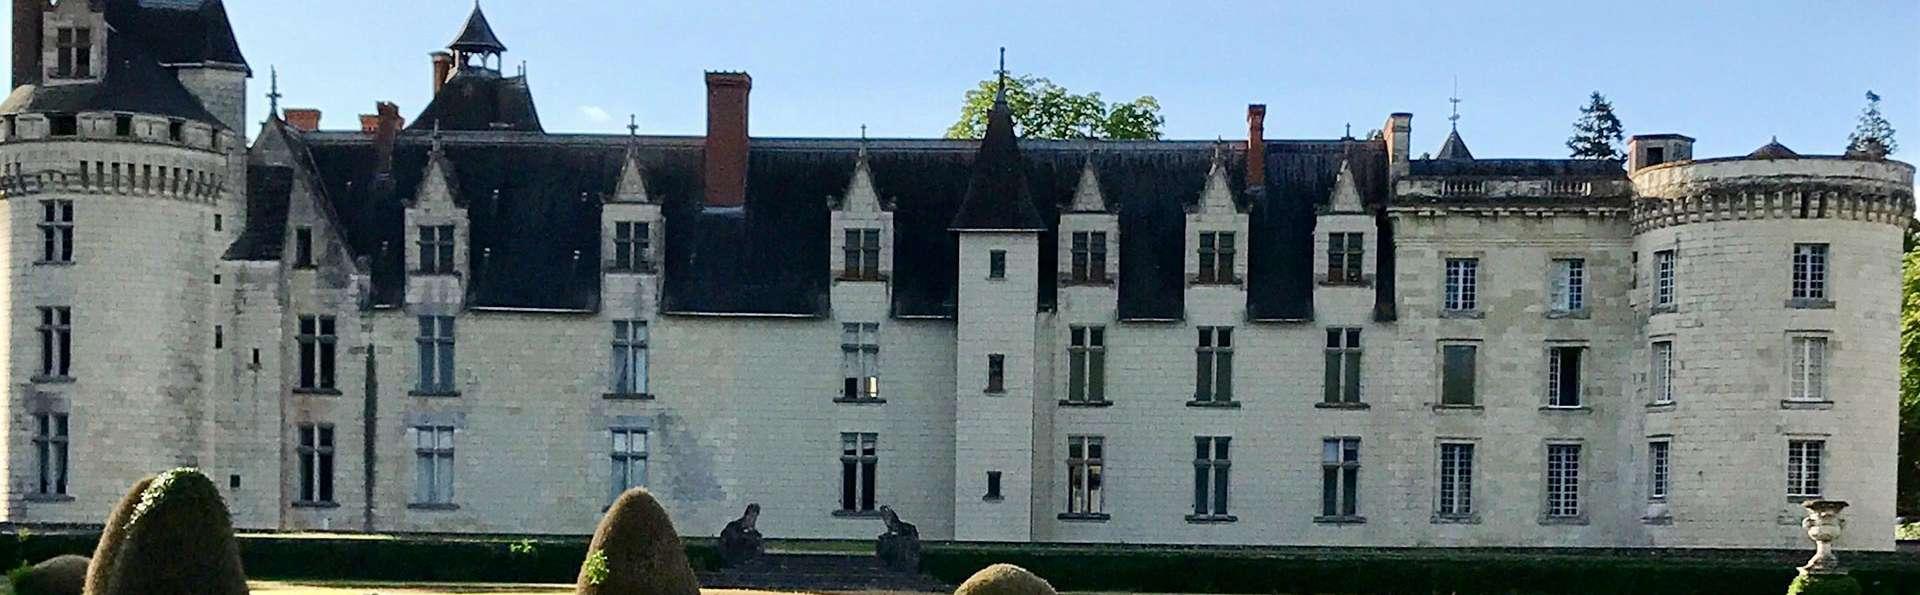 Château de Dissay, The Originals Collection - EDIT_FRONT_03.jpg